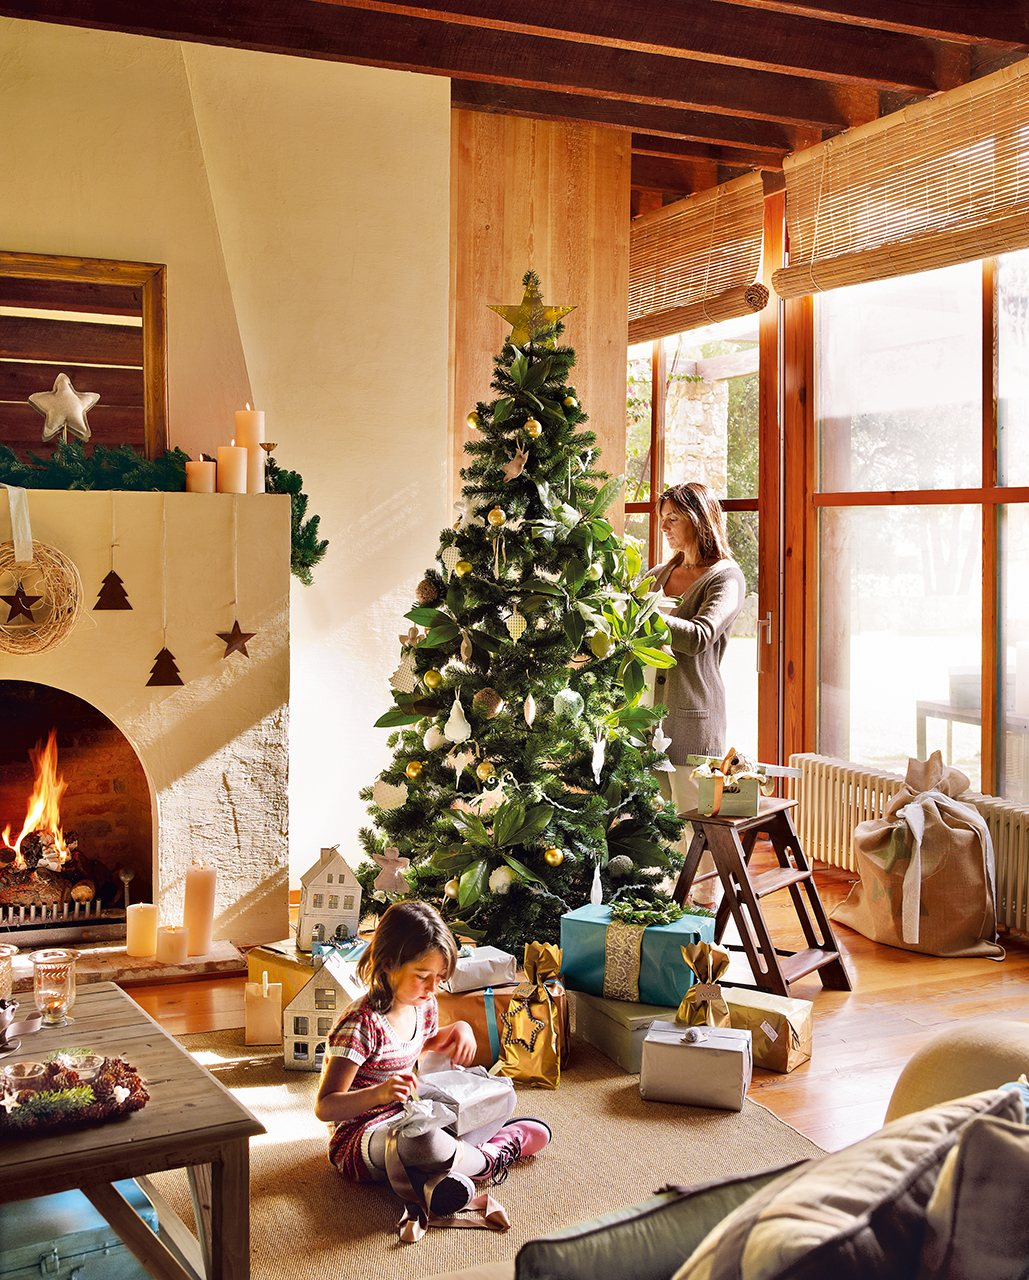 Descubre la decoración Navideña más natural